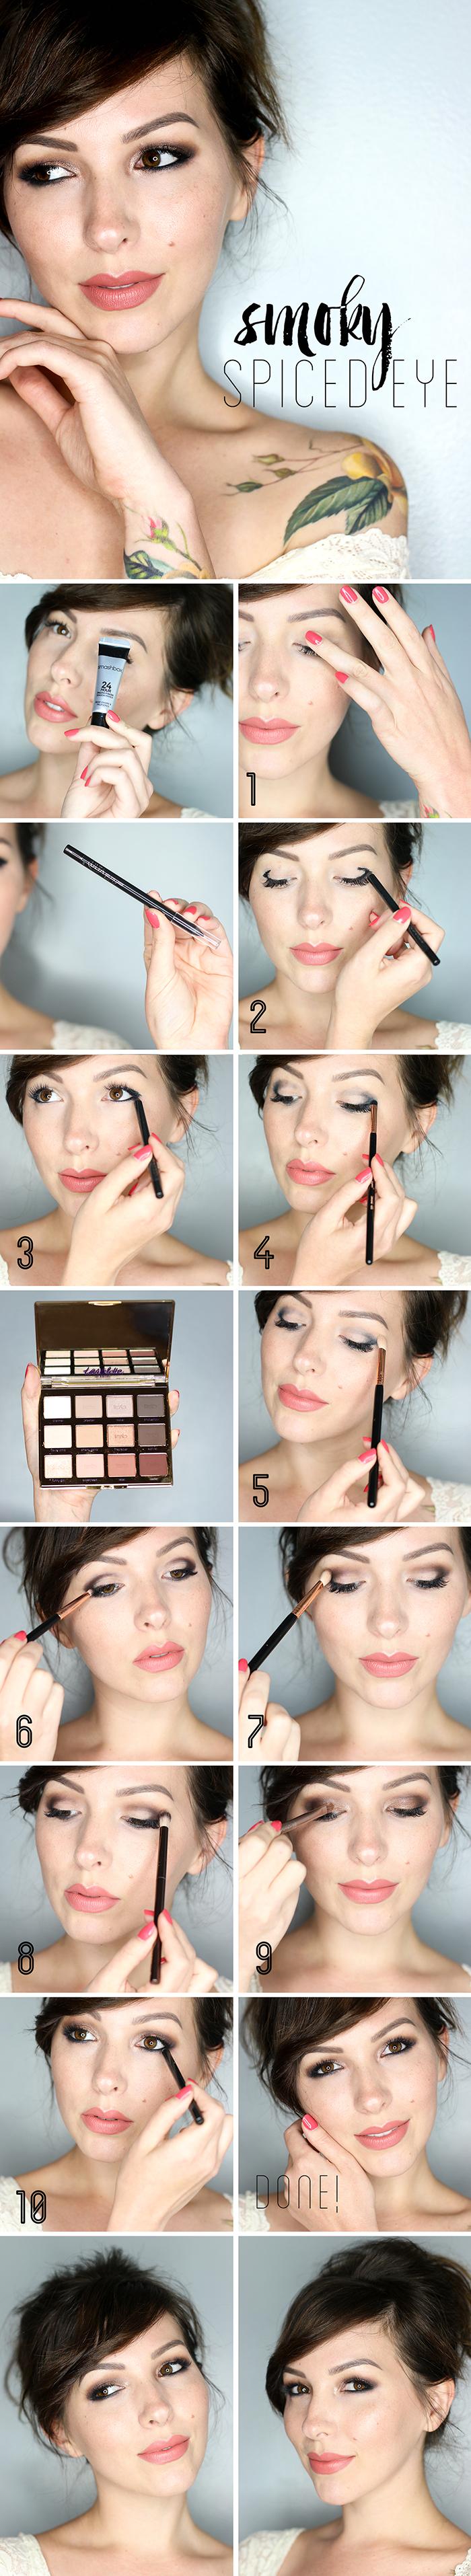 smoky eye tutorial by Keiko Lynn